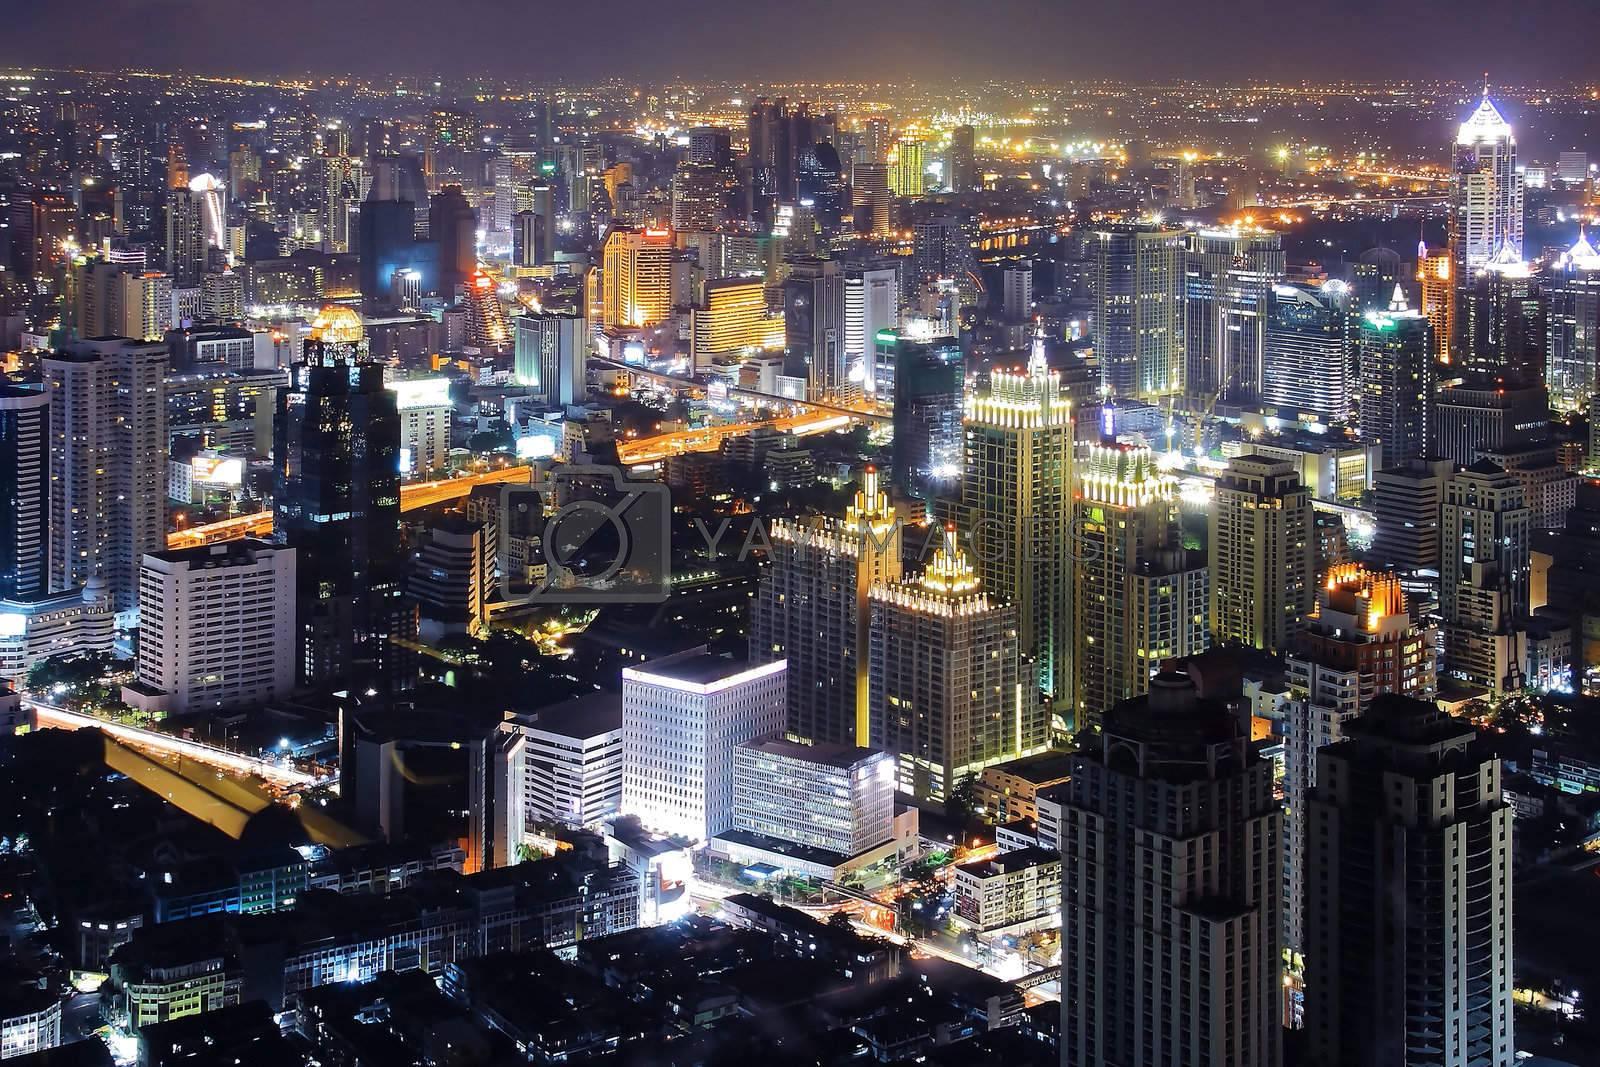 Bangkok Top View at Night